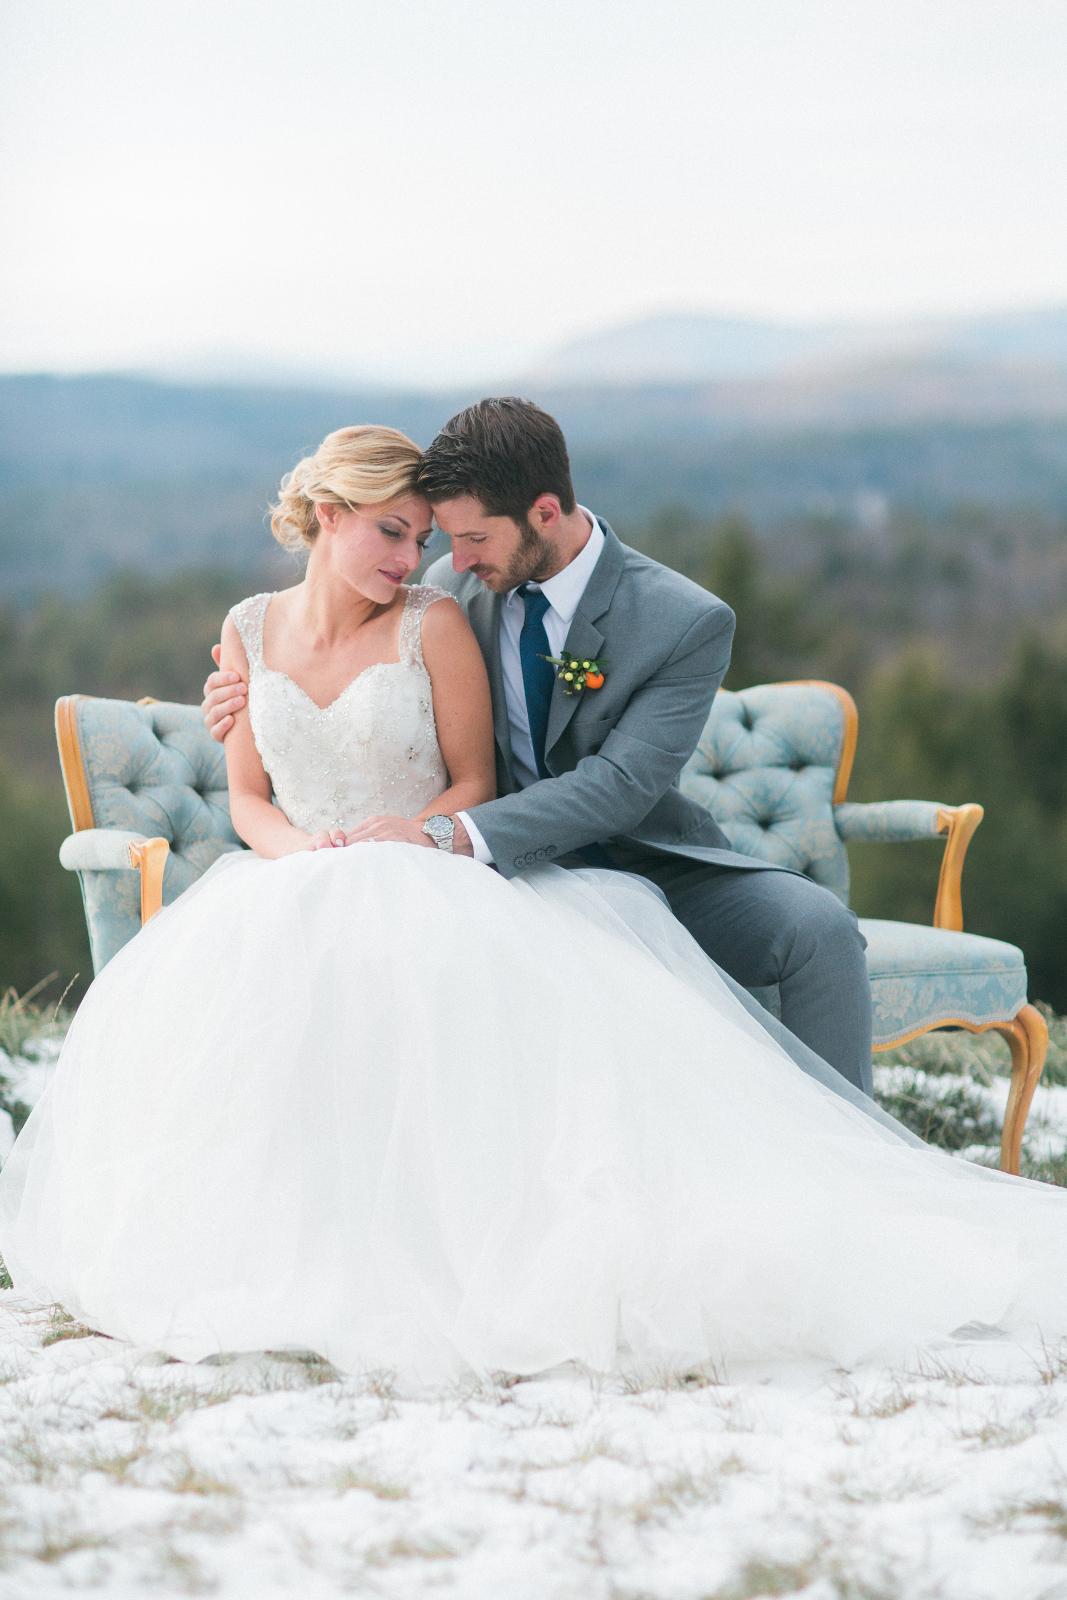 Rustic Wedding Trend